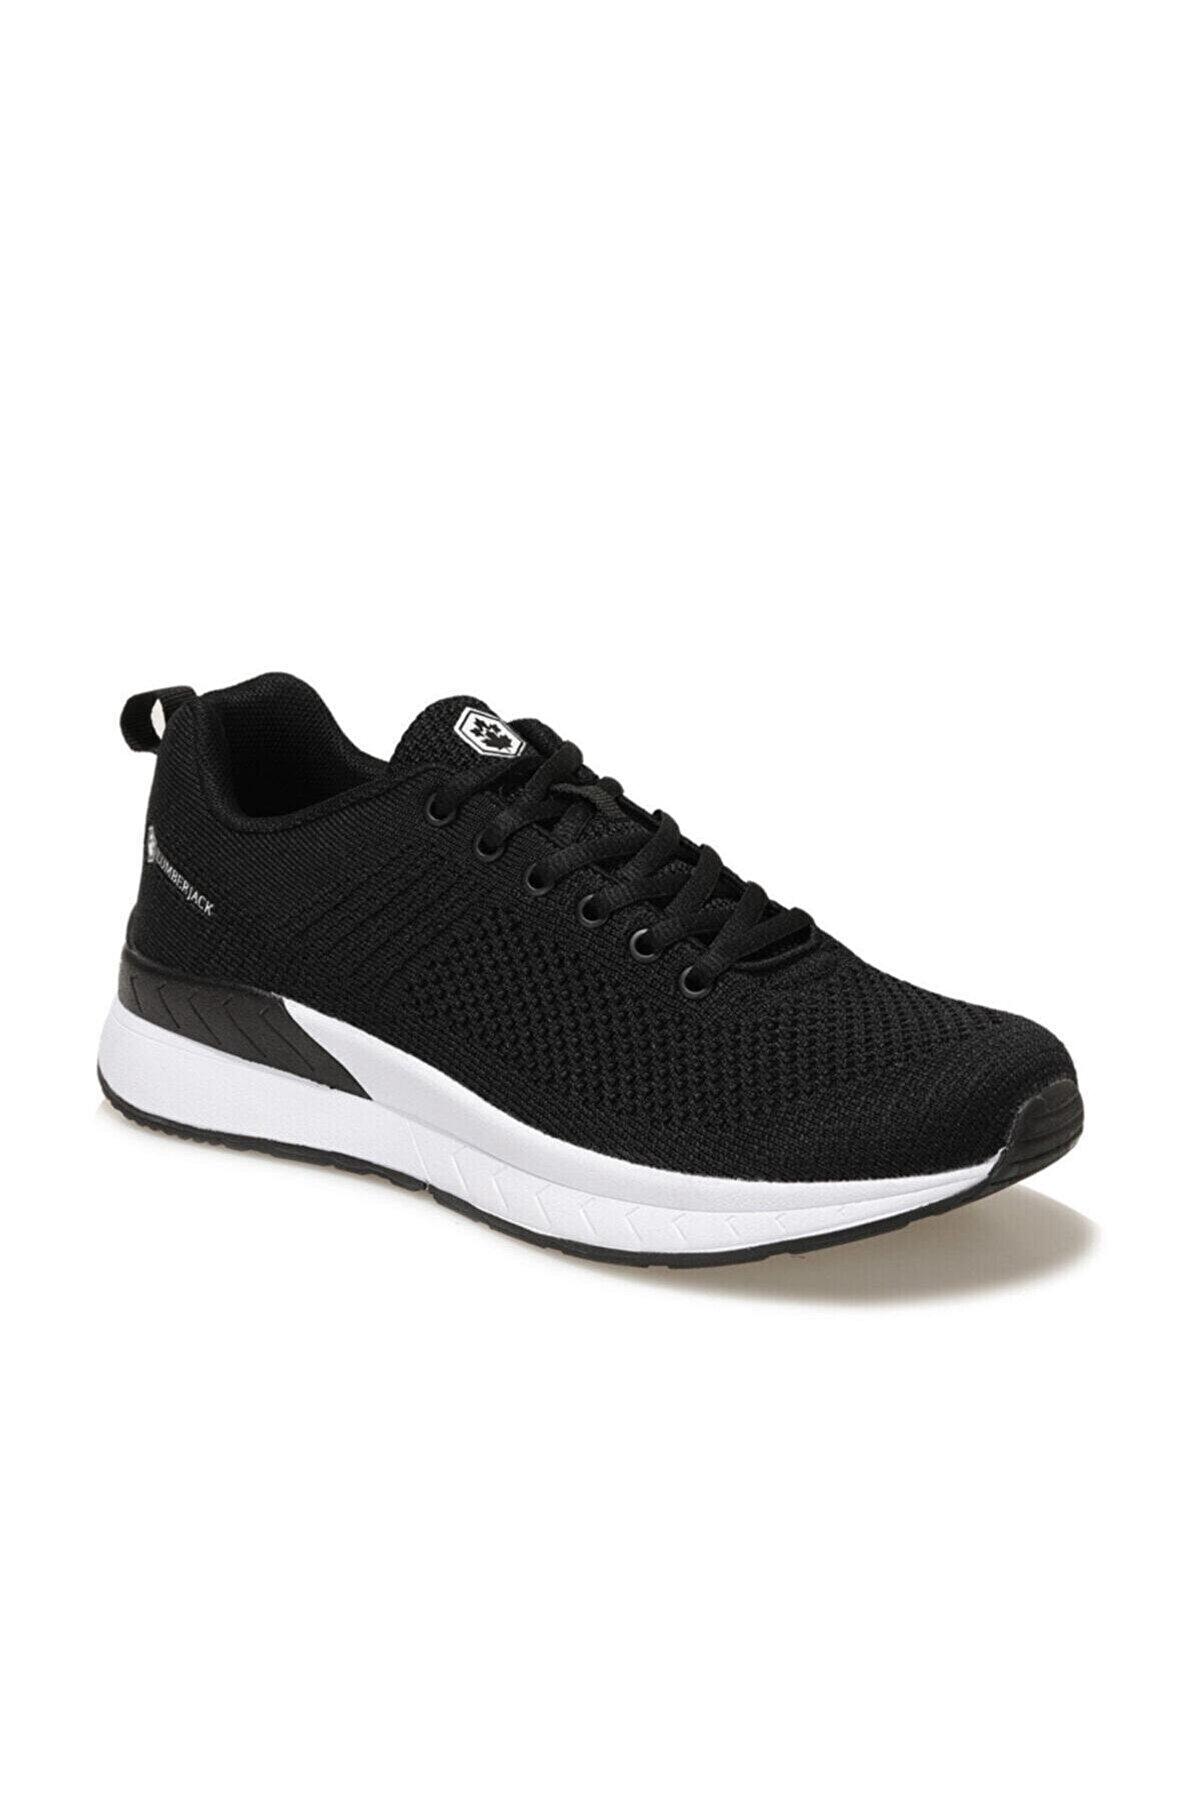 Lumberjack CONNECT 1FX Siyah Erkek Koşu Ayakkabısı 100782541